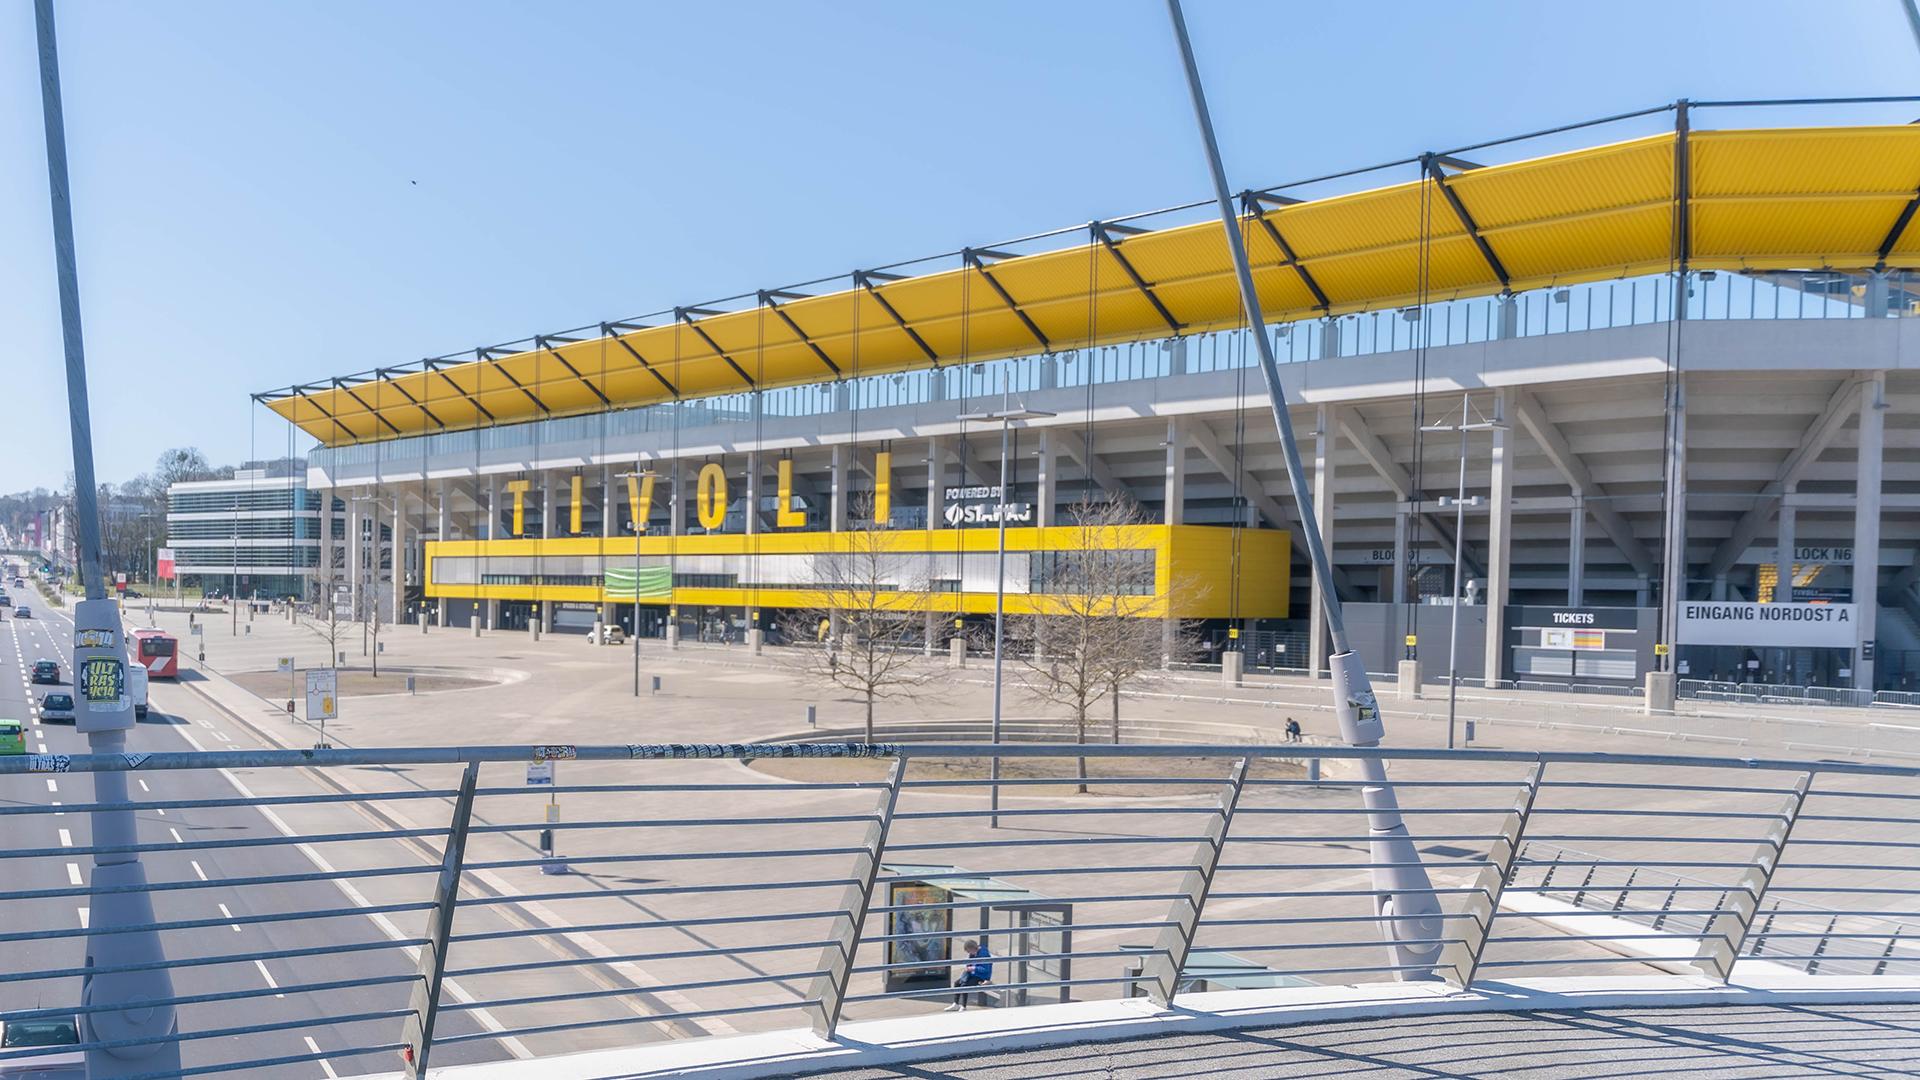 Tivoli Stadion Aachen